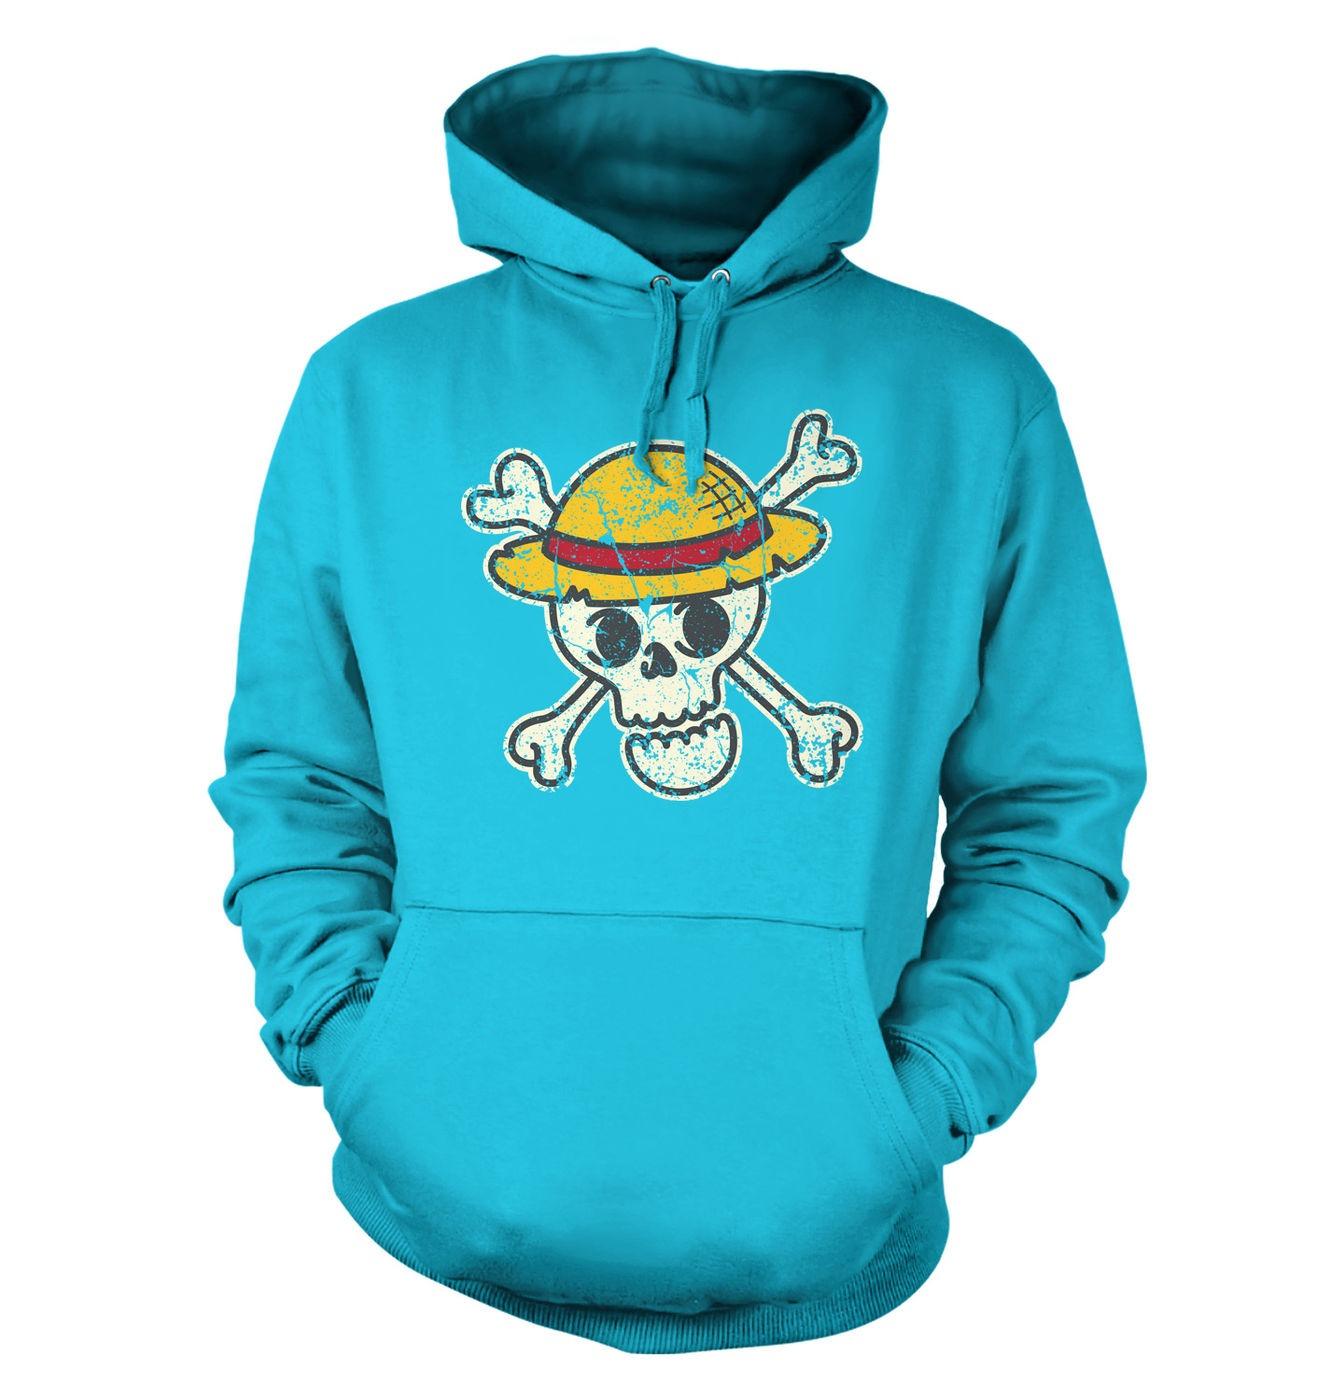 Pirate Skull Distressed hoodie by Something Geeky